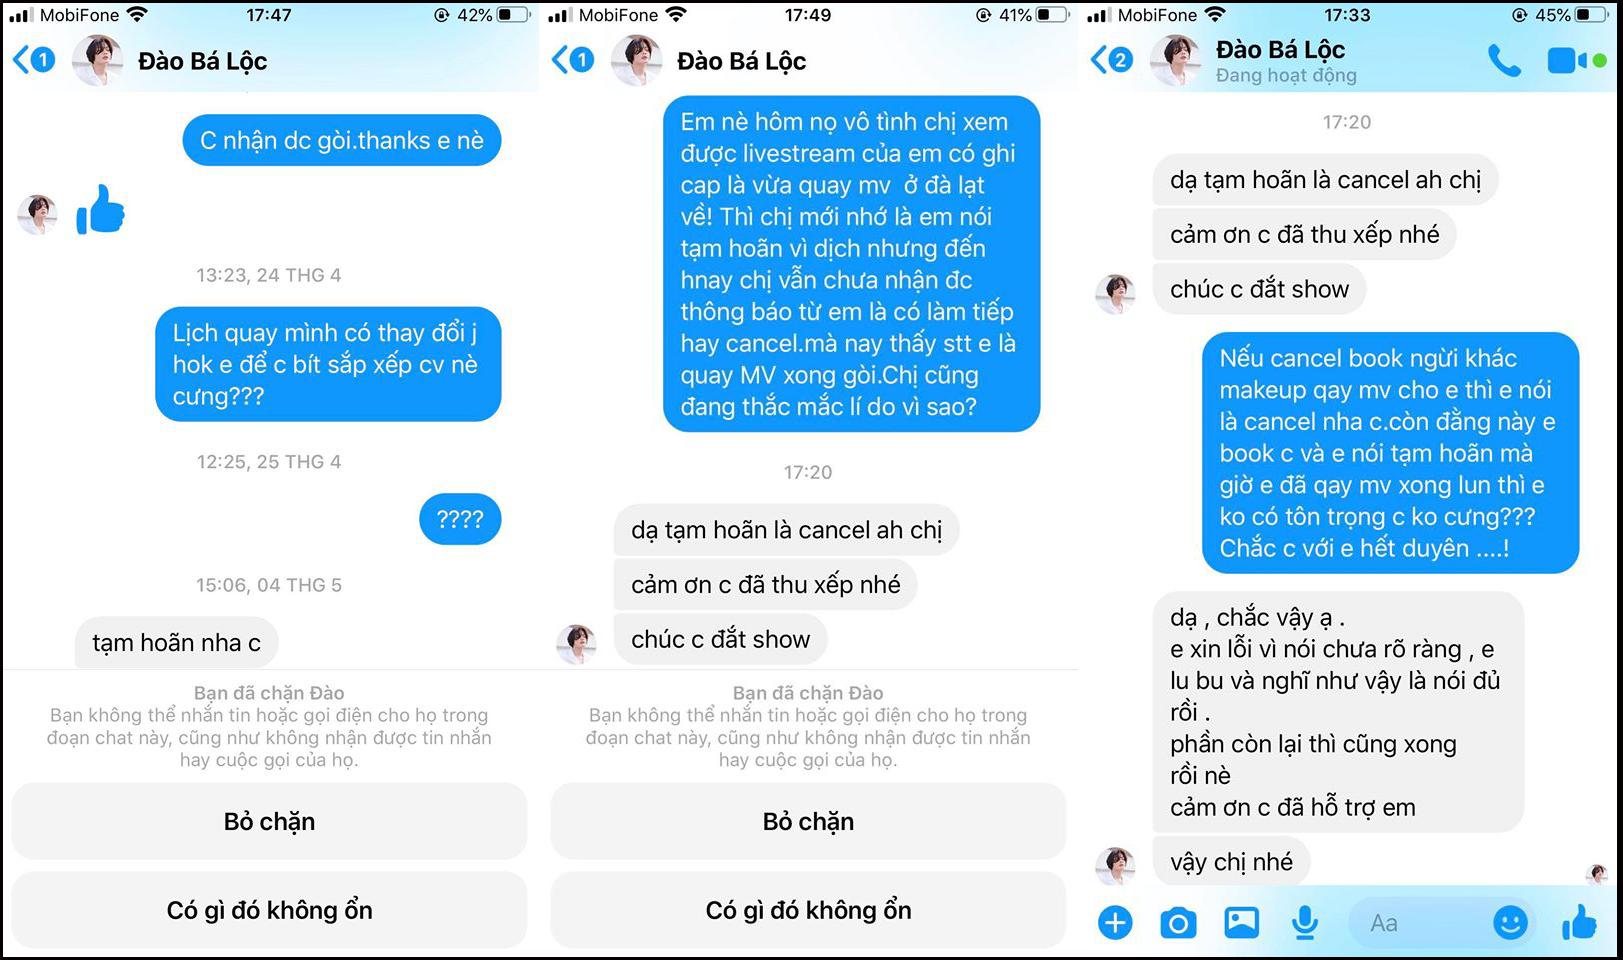 Đoạn trò chuyện của Quách Hiền Tùng và Đào Bá Lộc được cô đăng tải kèm trong bài viết